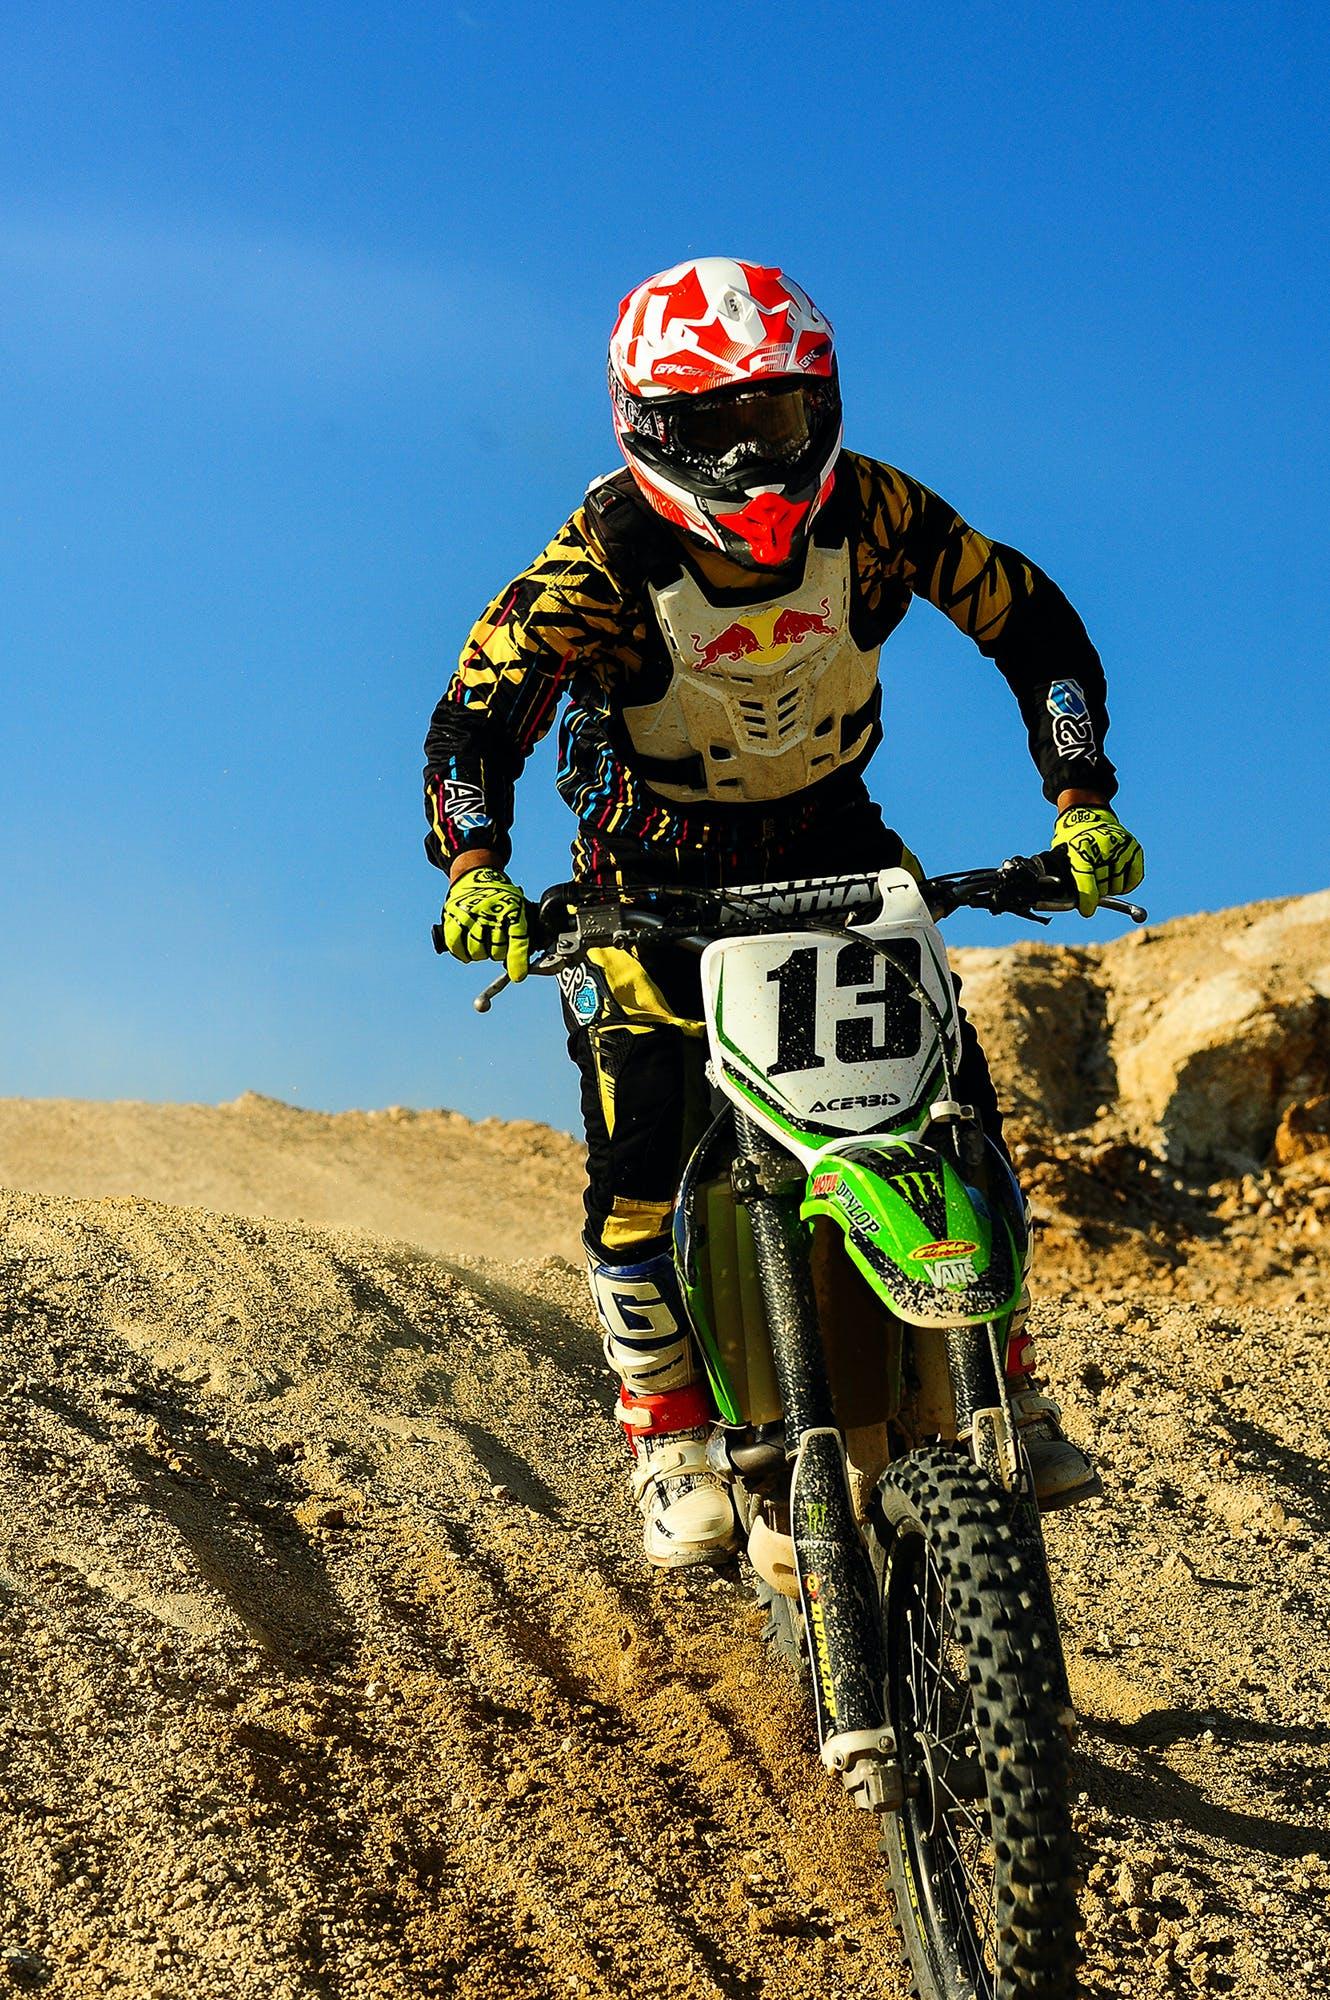 action, adventure, biker